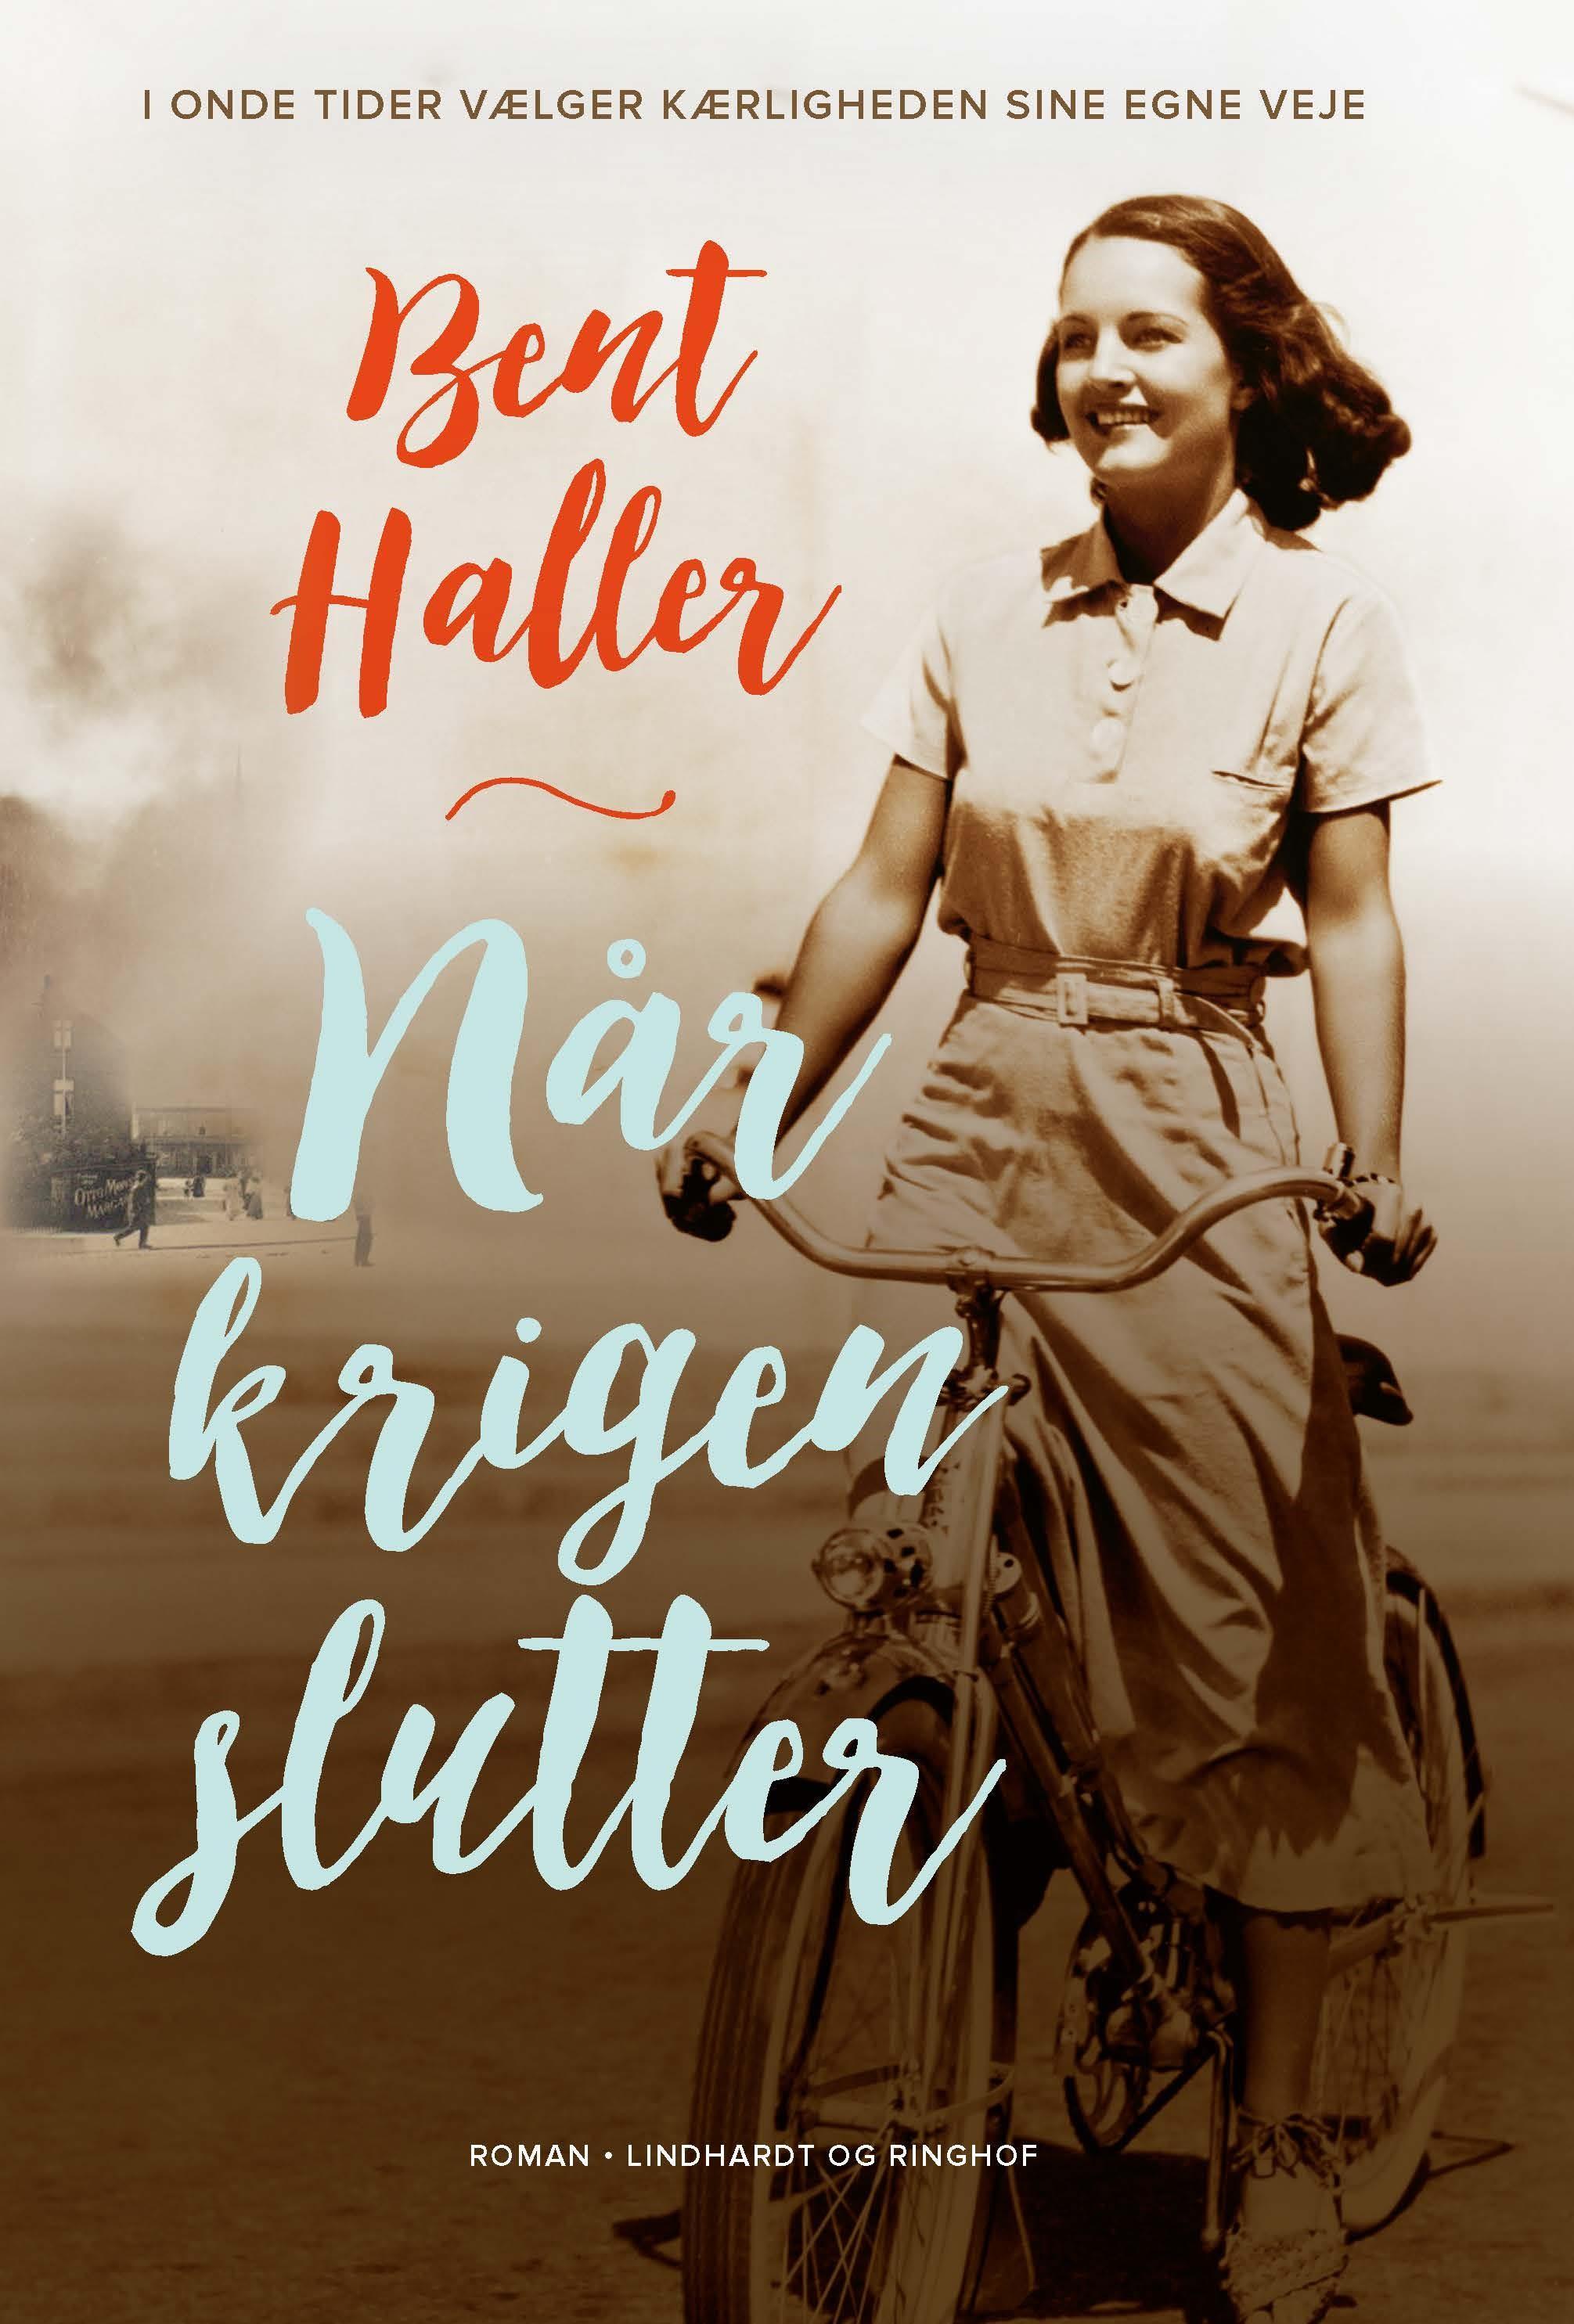 Når krigen slutter - Bent Haller - Bøger - Lindhardt og Ringhof - 9788711901878 - 9/11-2018